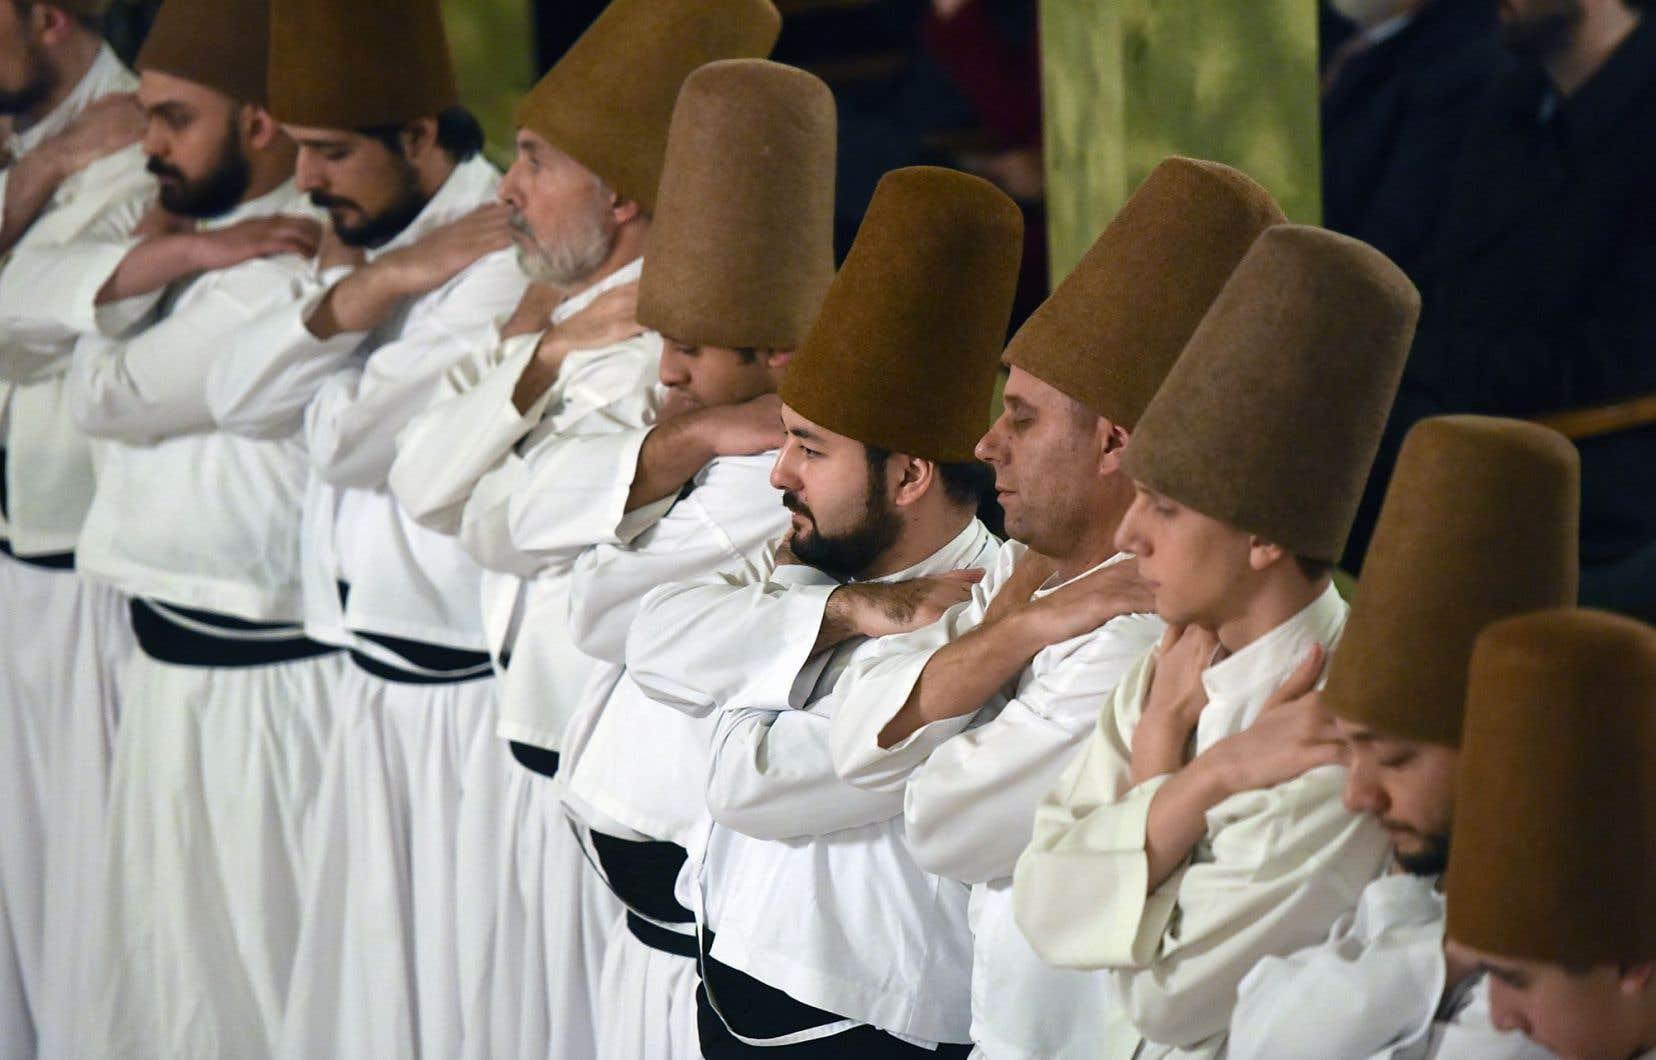 Soucieux de ne pas paraître belliqueux, on affirme, au sein du soufisme (le courant spirituel de l'islam), «n'être l'ennemi de personne».